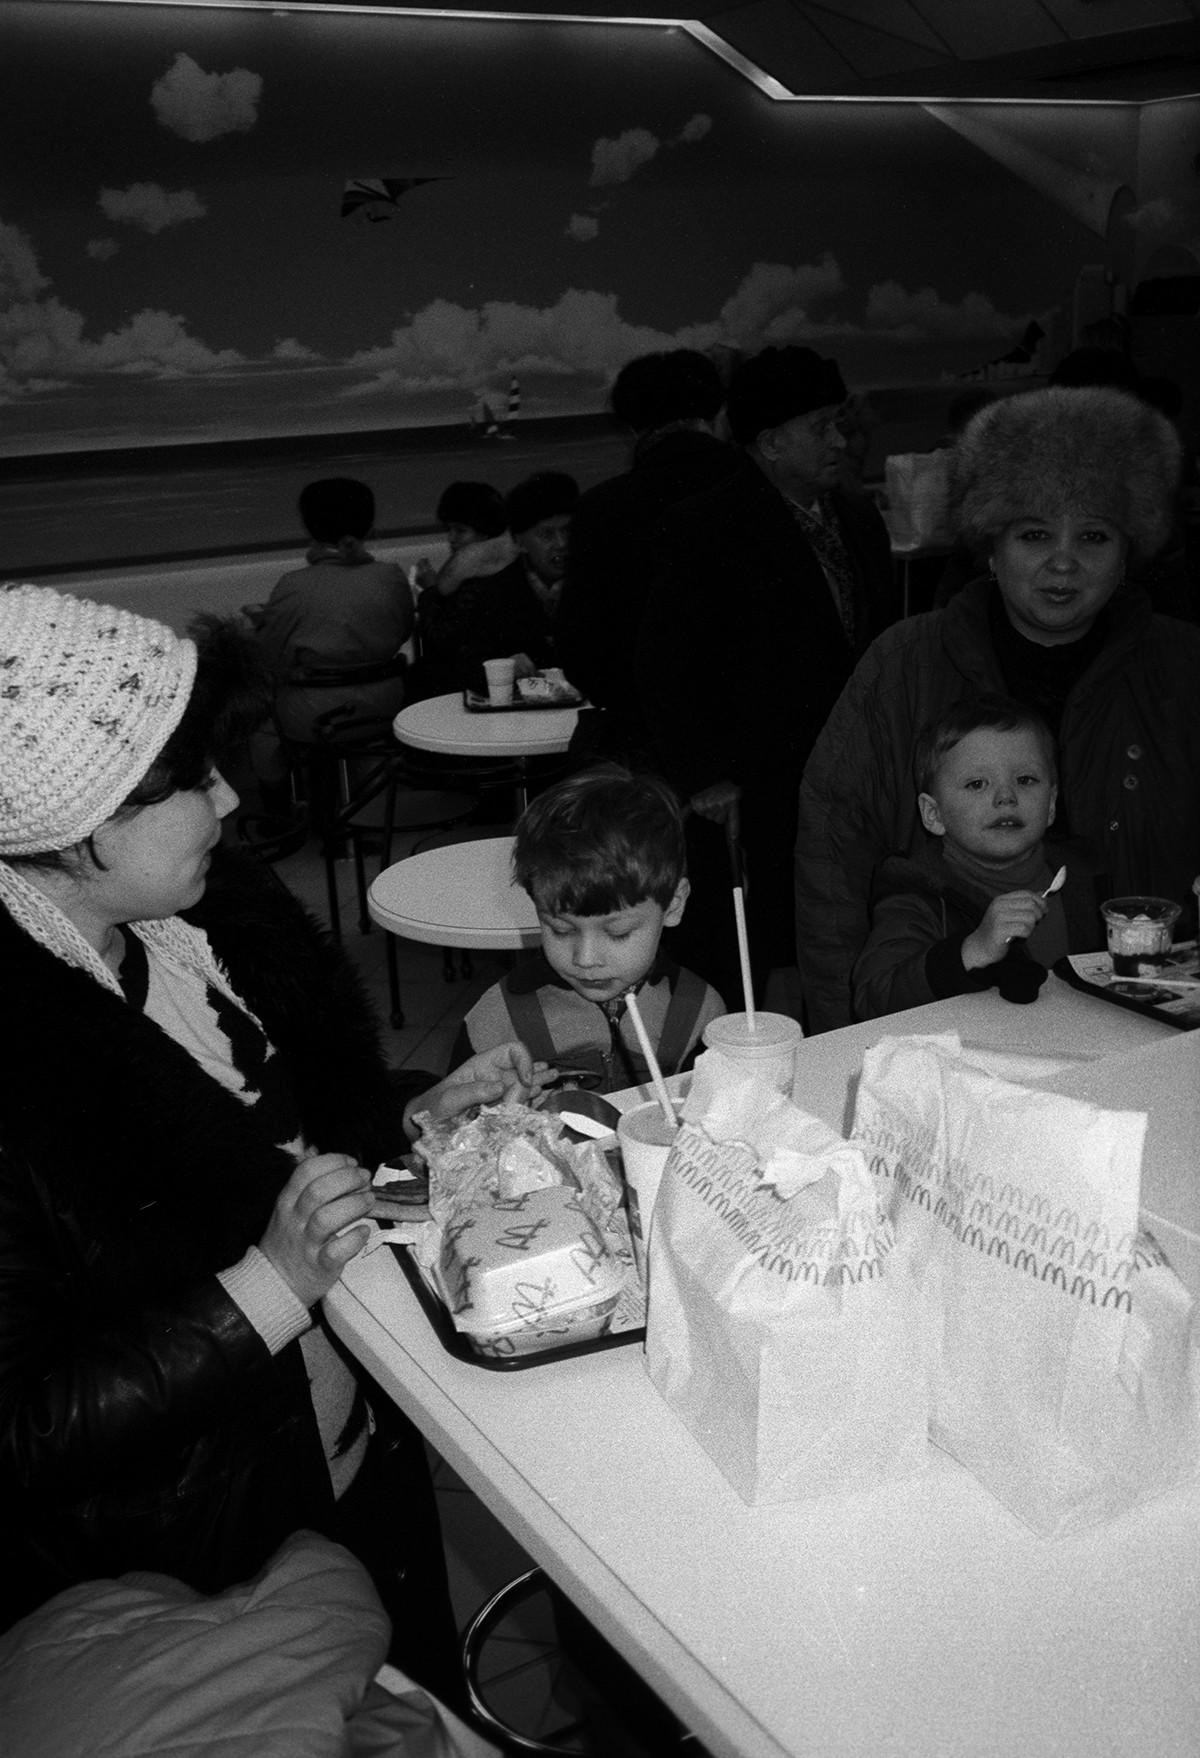 Открытие Макдональдса в Москве, 1990.